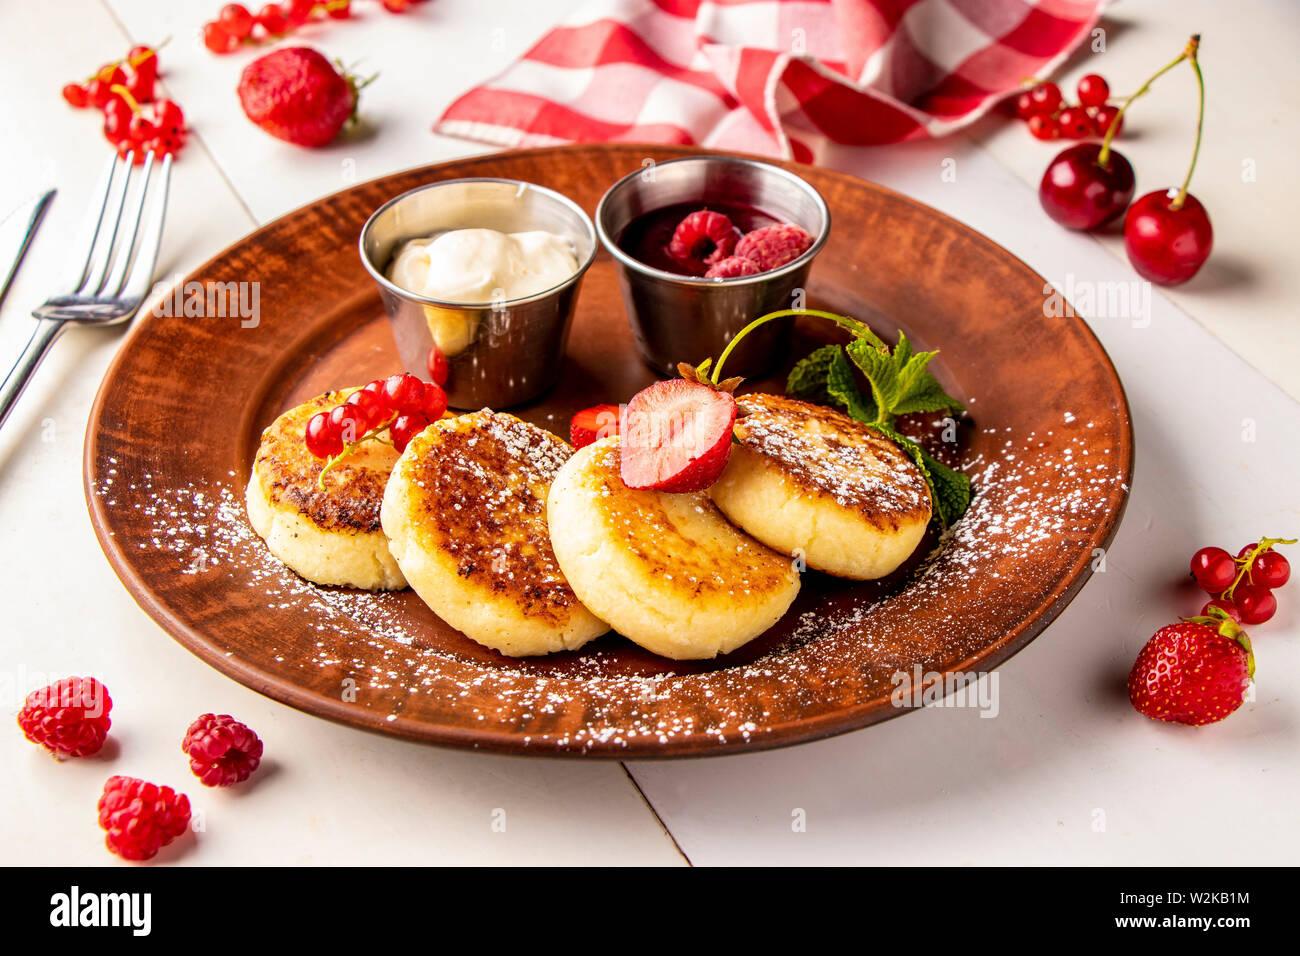 Requesón tortitas, plato tradicional ucraniana syrniki casero con salsa de frambuesa y crema agria en una placa marrón sobre un fondo blanco. Foto de stock